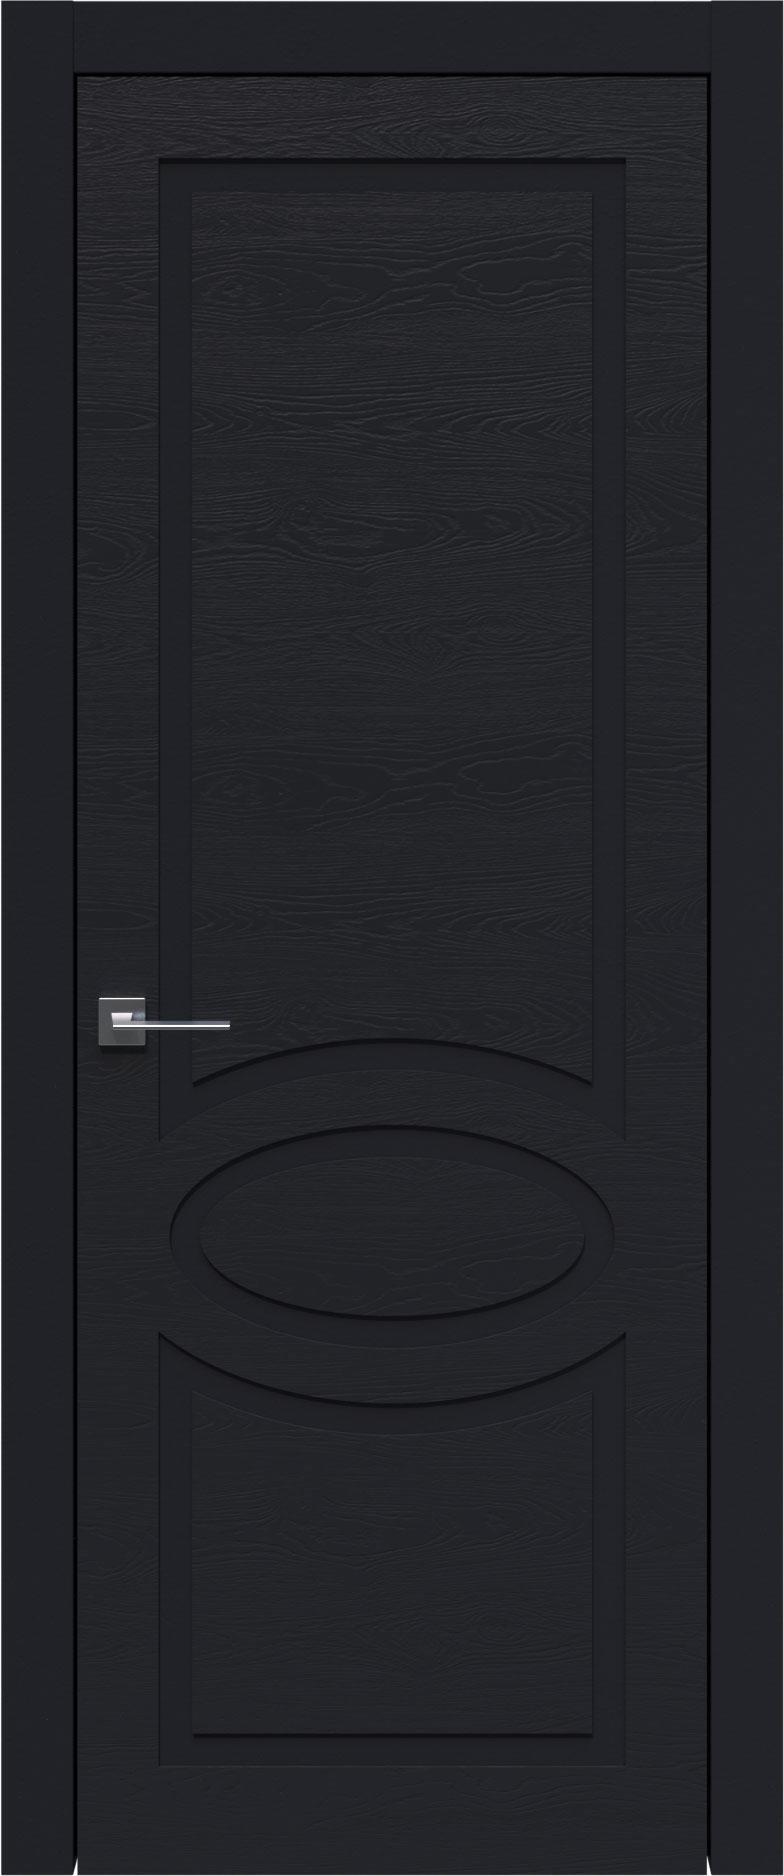 Tivoli Н-5 цвет - Черная эмаль по шпону (RAL 9004) Без стекла (ДГ)